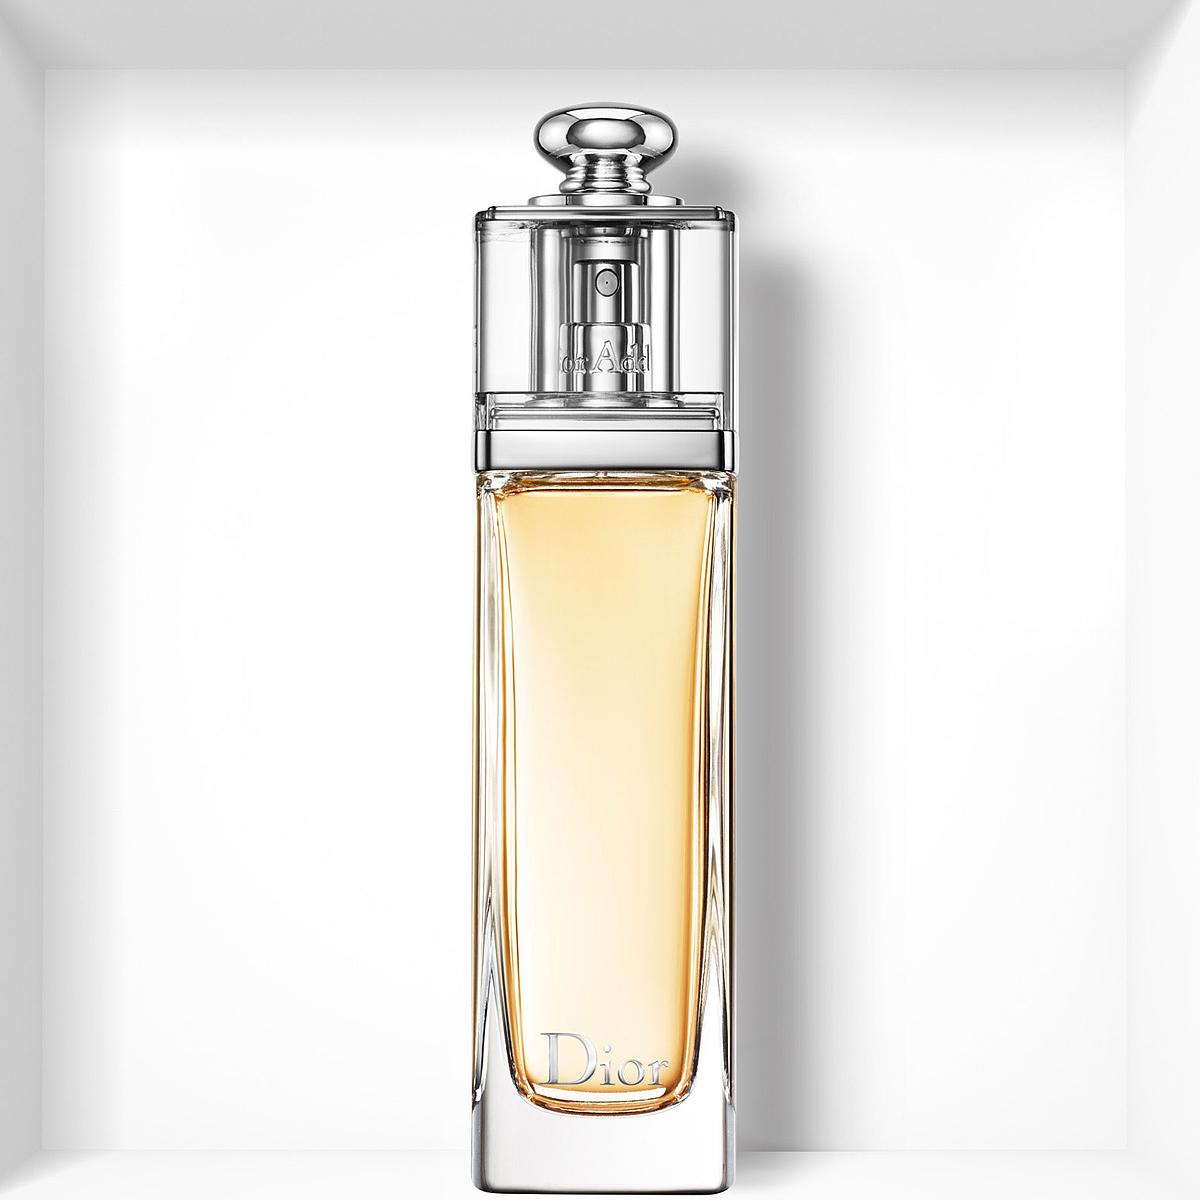 Christian Dior  Dior Addict Туалетная вода женская, 100млF062874009Мгновенно притягивающий, Dior Addict воплощает собой невероятно красивый и соблазнительный аромат, который находится в полной гармонии с сегодняшним днем. Сицилийский Мандарин в его верхних нотах придает игривый, чарующий оттенок фруктовых цитрусовых аккордов, пикантных и насыщенных. На смену ему приходит букет белых цветов Жасмина Самбак и Тунисского Нероли в сочетании с чувственной и изысканной древесной базовой нотой Эссенции Сандалового дерева с легким оттенком Ванили. Утонченный древесно-цветочный аромат: абсолютно женственный, он искрится свежестью и чувственной элегантностью. Начальные ноты: мандарин. Ноты сердца: жасмин, нероли. Базовые ноты: ваниль, сандаловое дерево. Характер аромата: женственный; волнующий; изящный; манящий; свежий; чувственный.